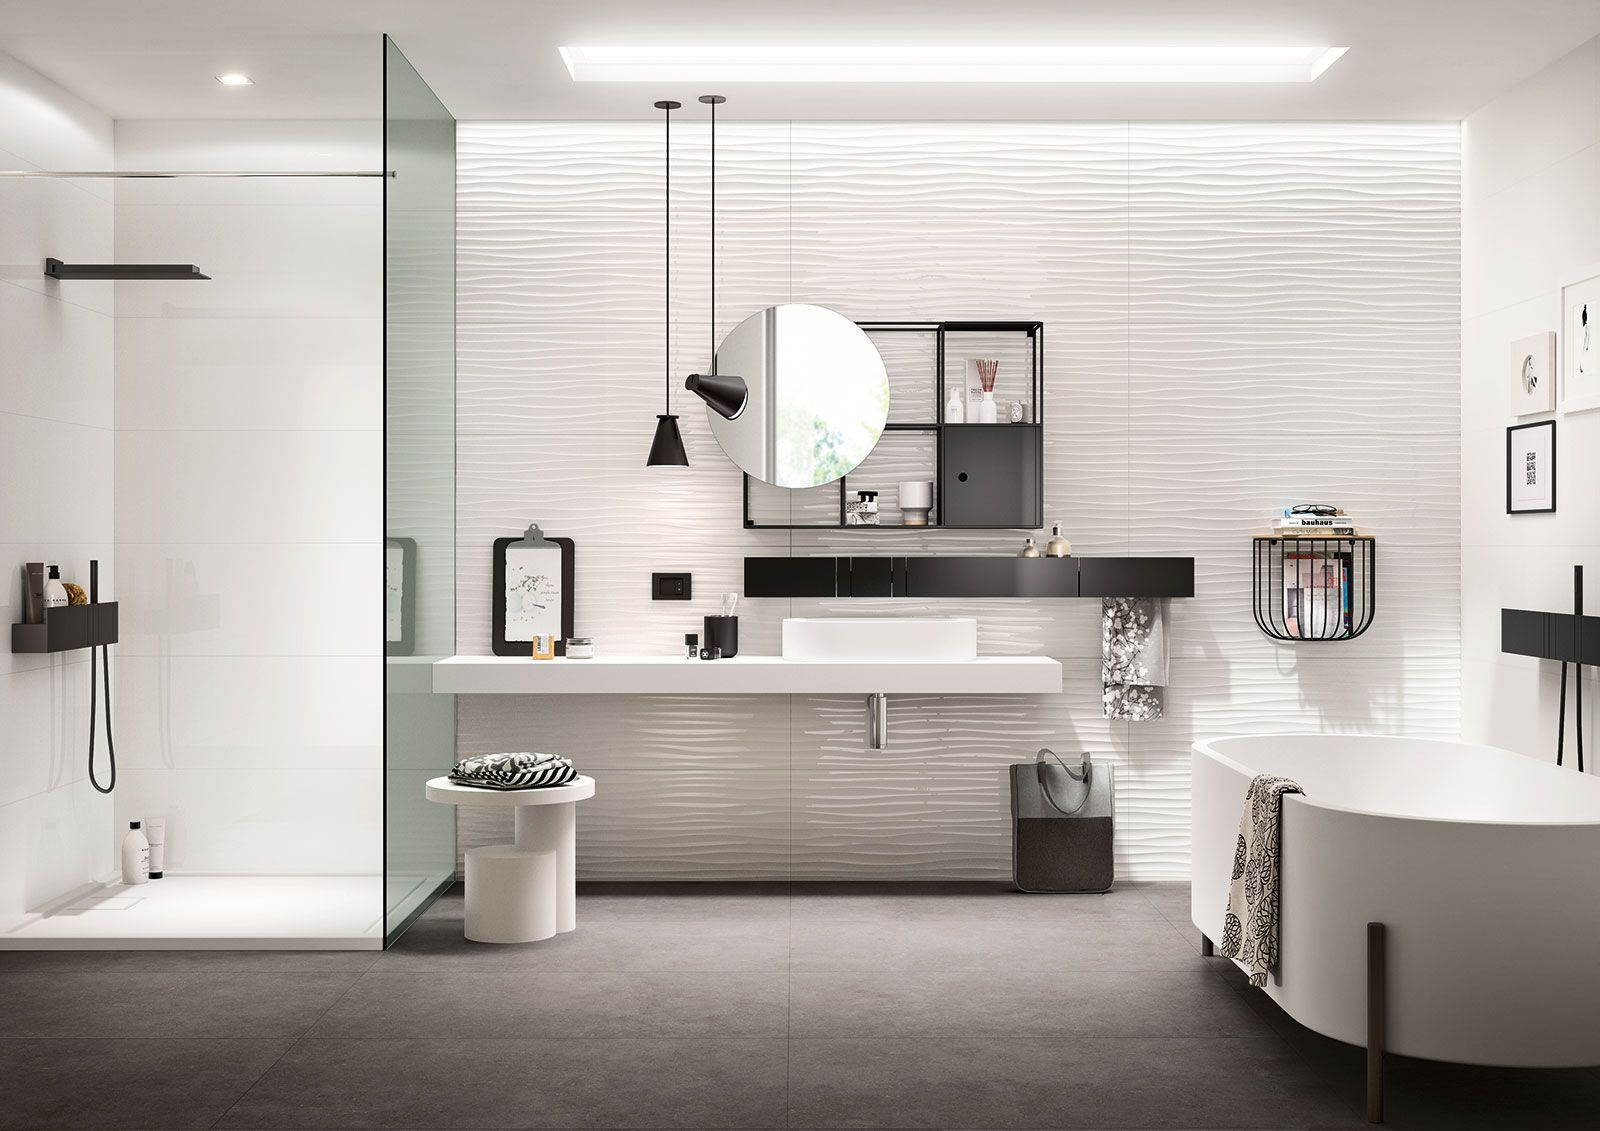 Essenziale ceramica bianca per bagni marazzi bathroom